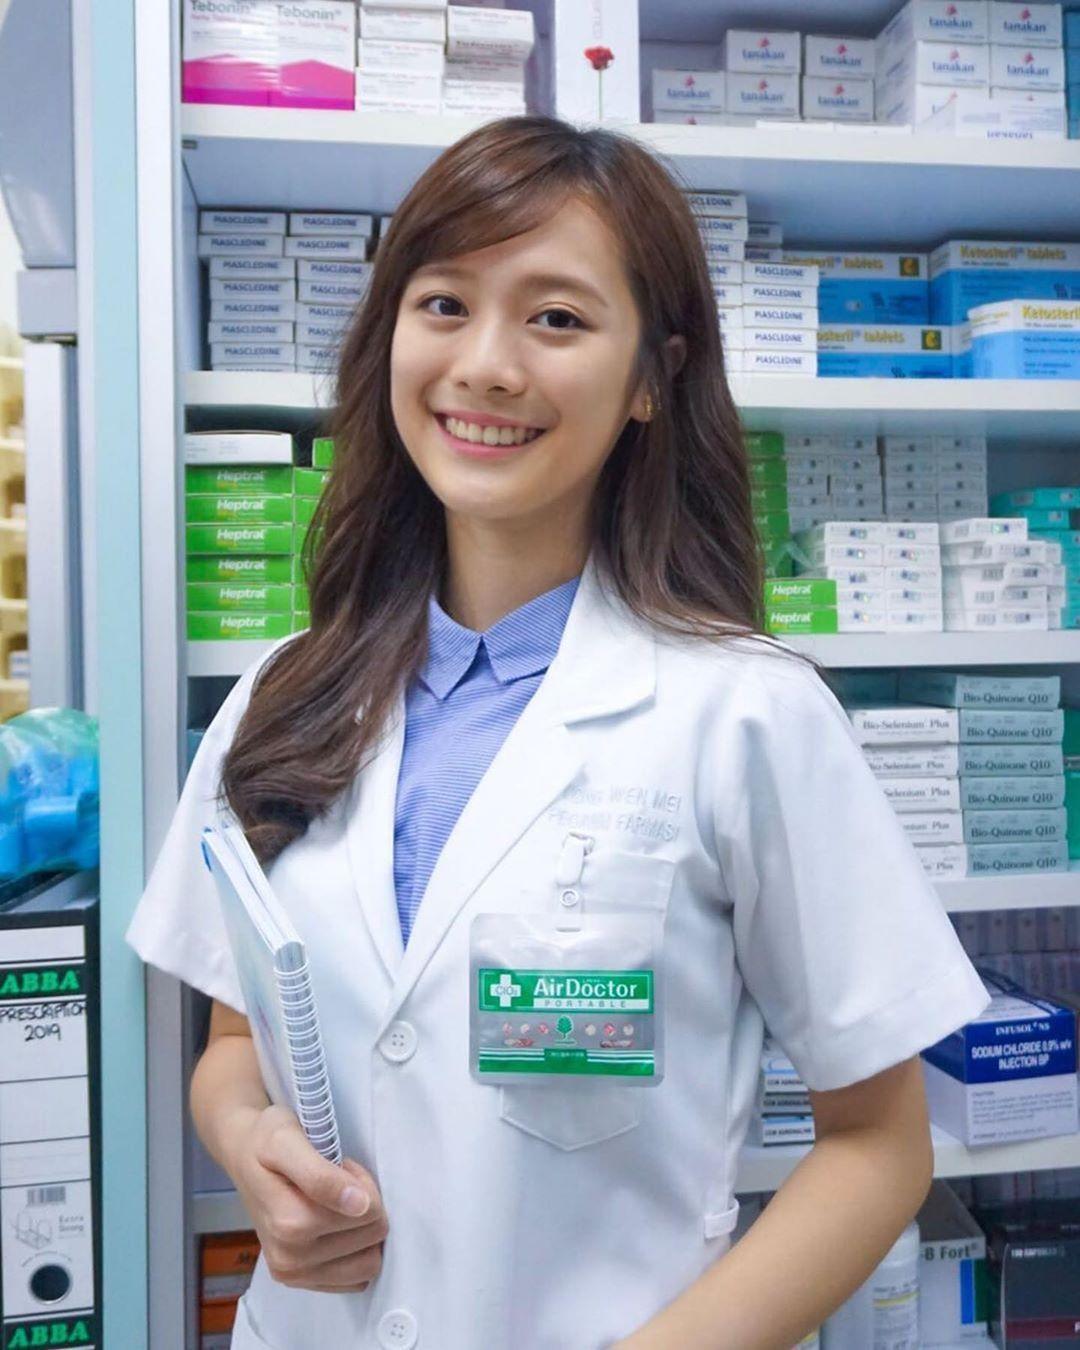 大马正妹药师「杨文美」超级甜!她一笑就让网友想天天去药局报到